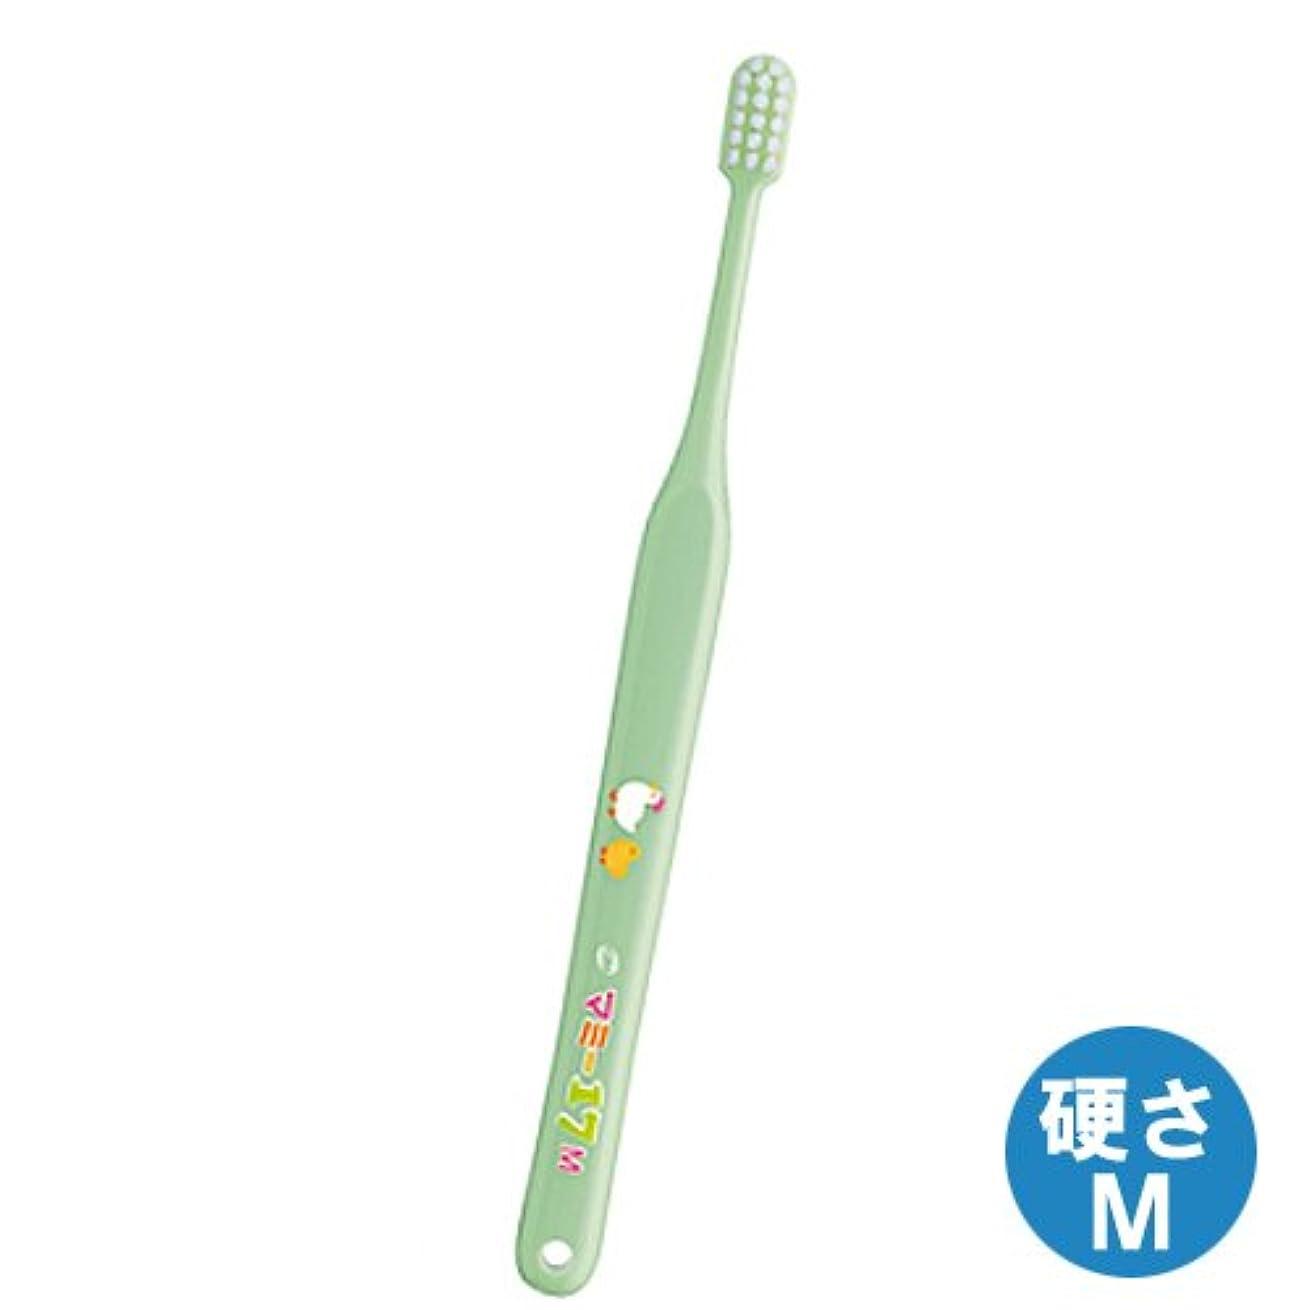 薄める季節敵意マミー17歯ブラシ 1本 ミディアム(M)グリーン